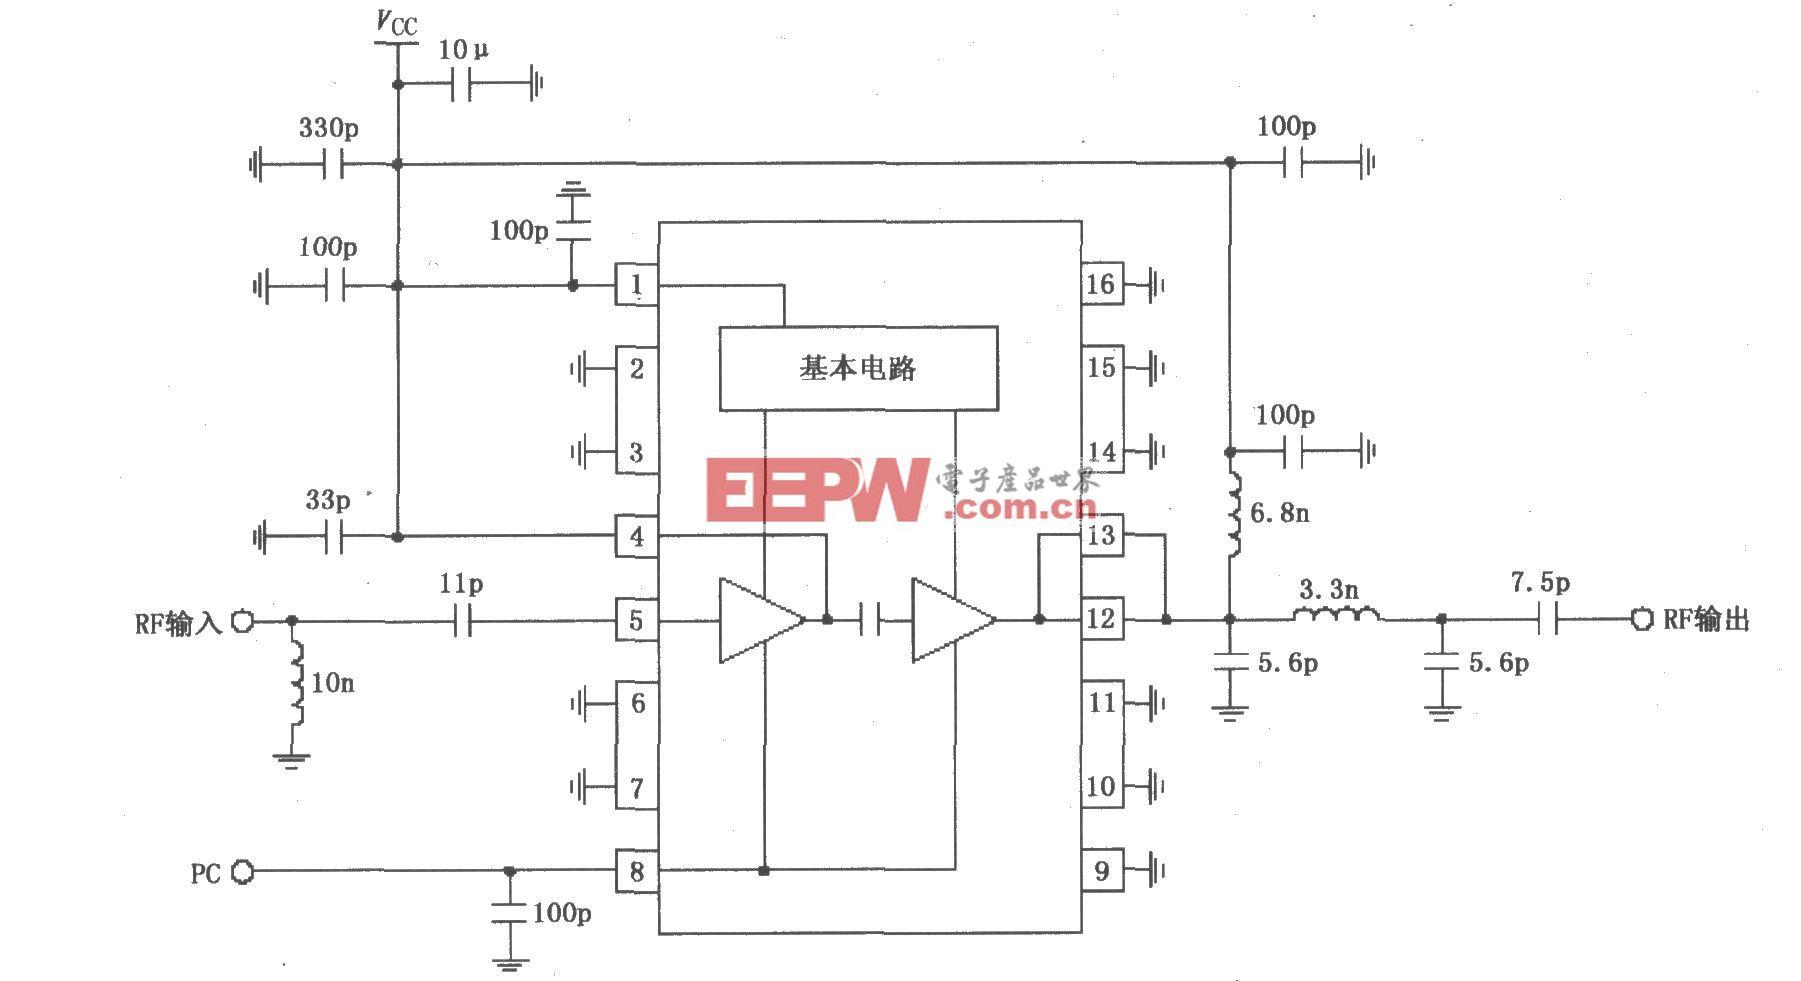 由RF2104构成的830MHz中功率放大器原理电路